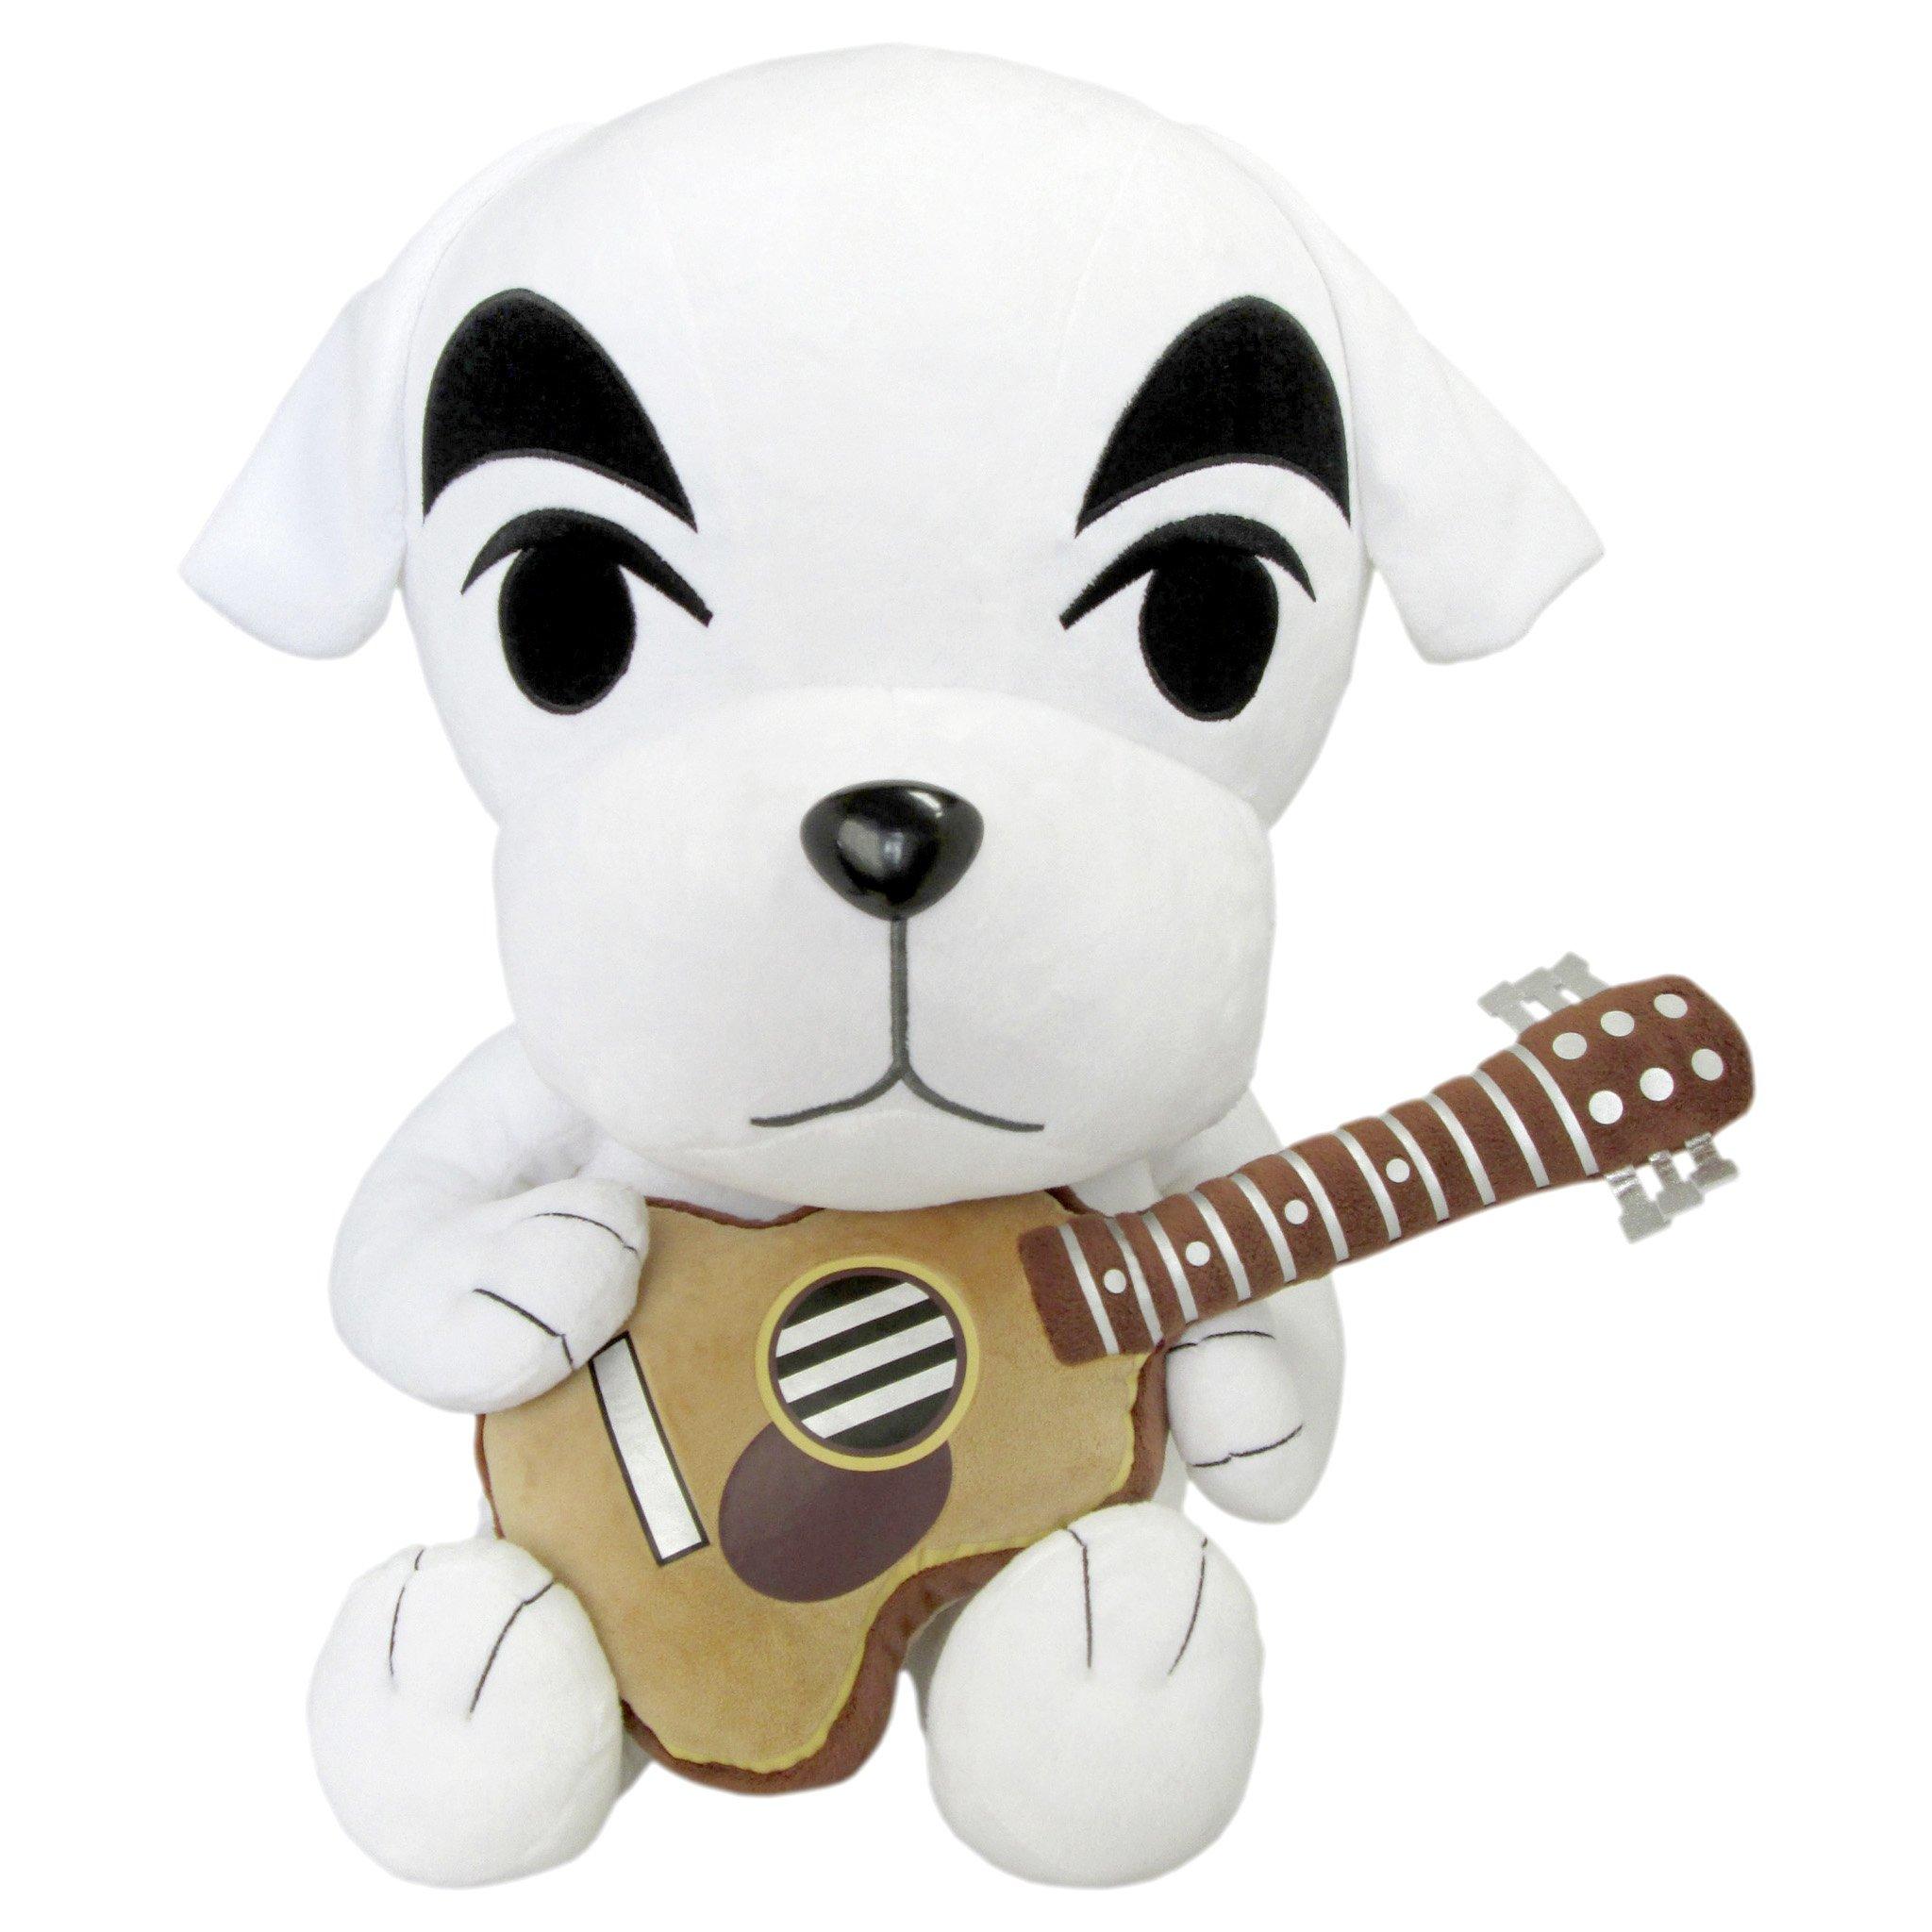 Jumbo-Sized K.K. Slider Official Animal Crossing Plush